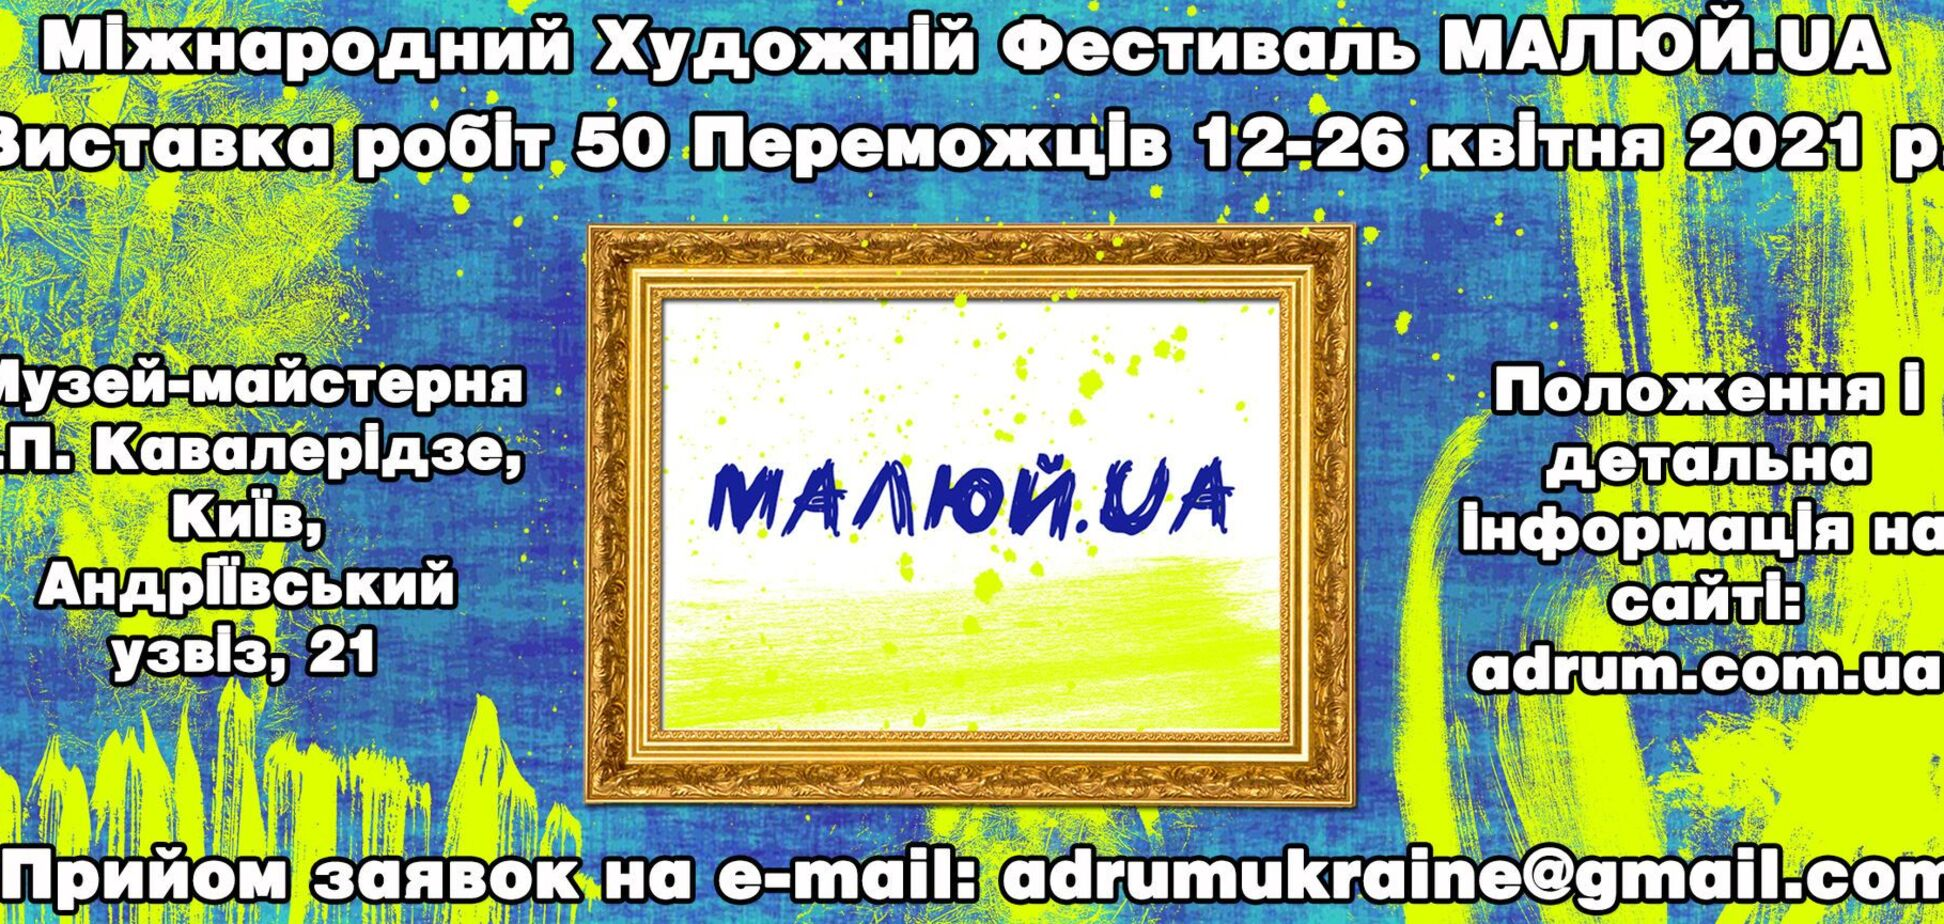 В Киеве проходит фестиваль, который собрал деятелей искусства с 12 стран 4 континентов мира